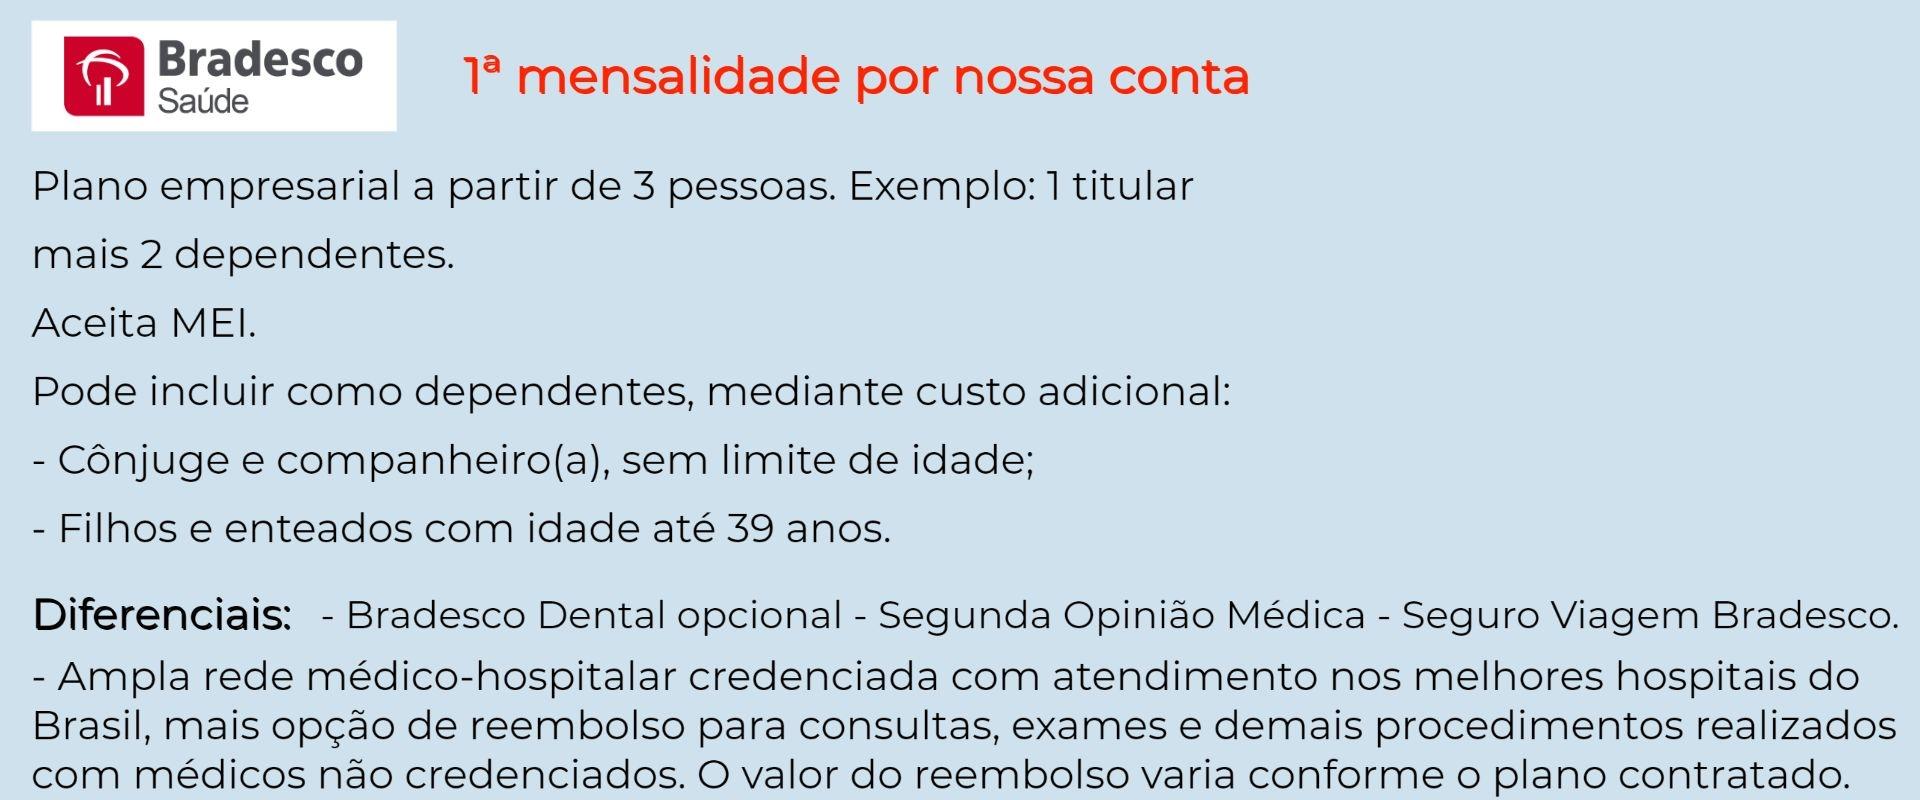 Bradesco Saúde Empresarial - Lago Sul